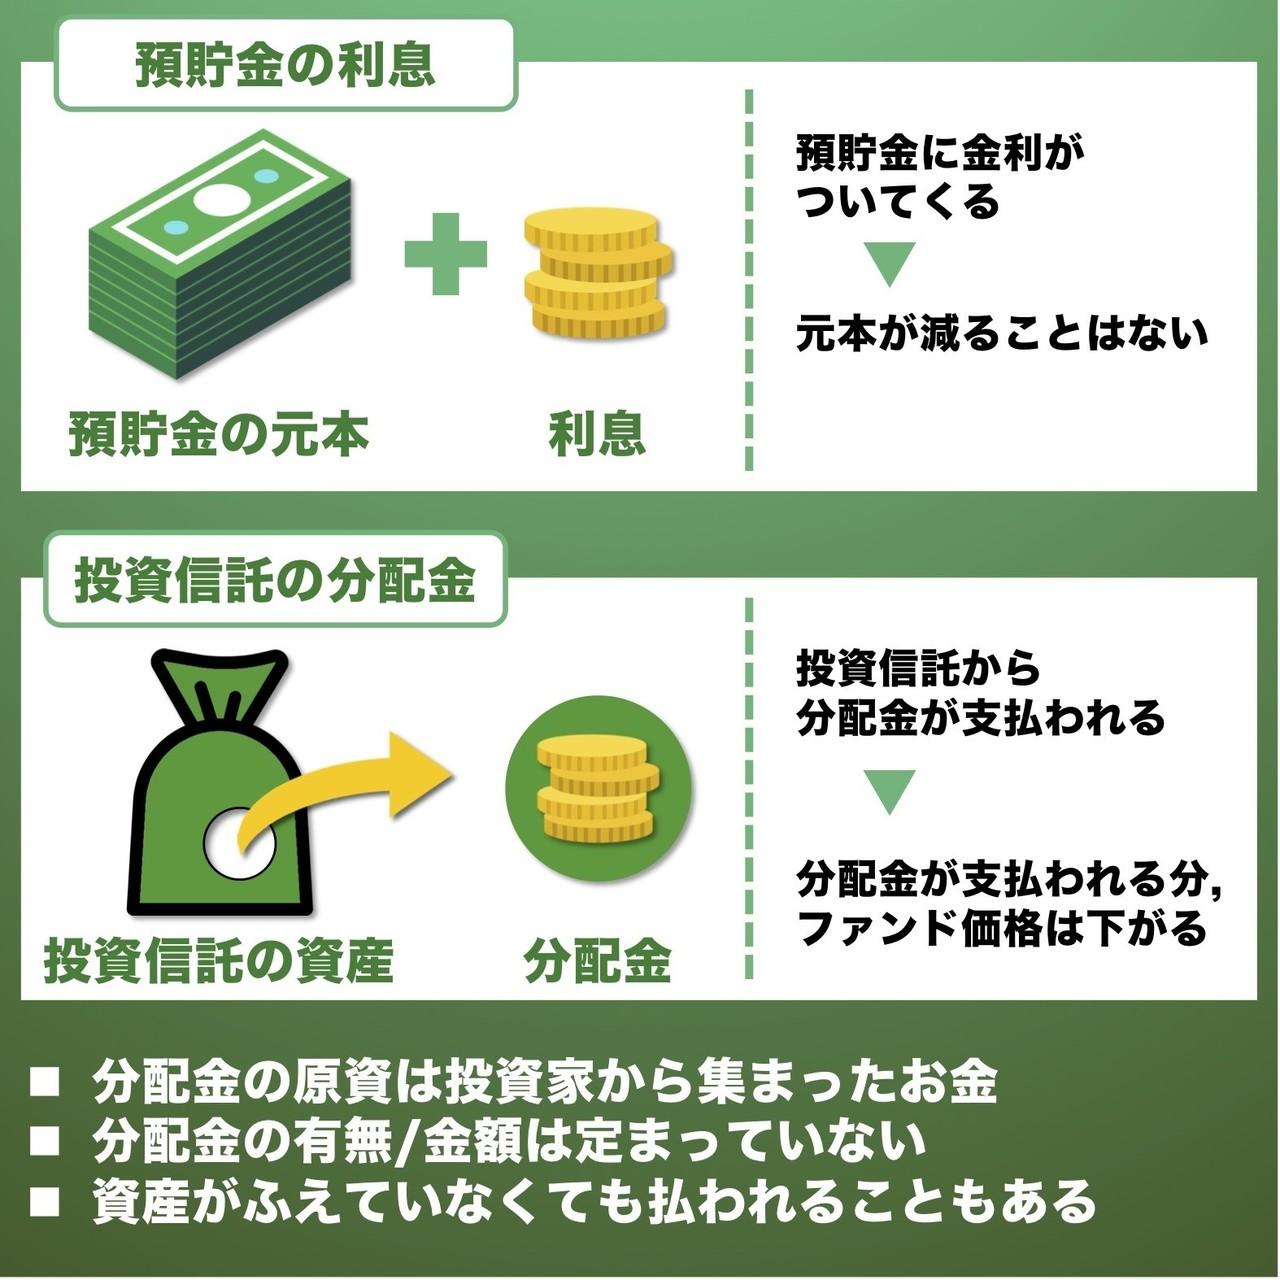 信託 金 投資 分配